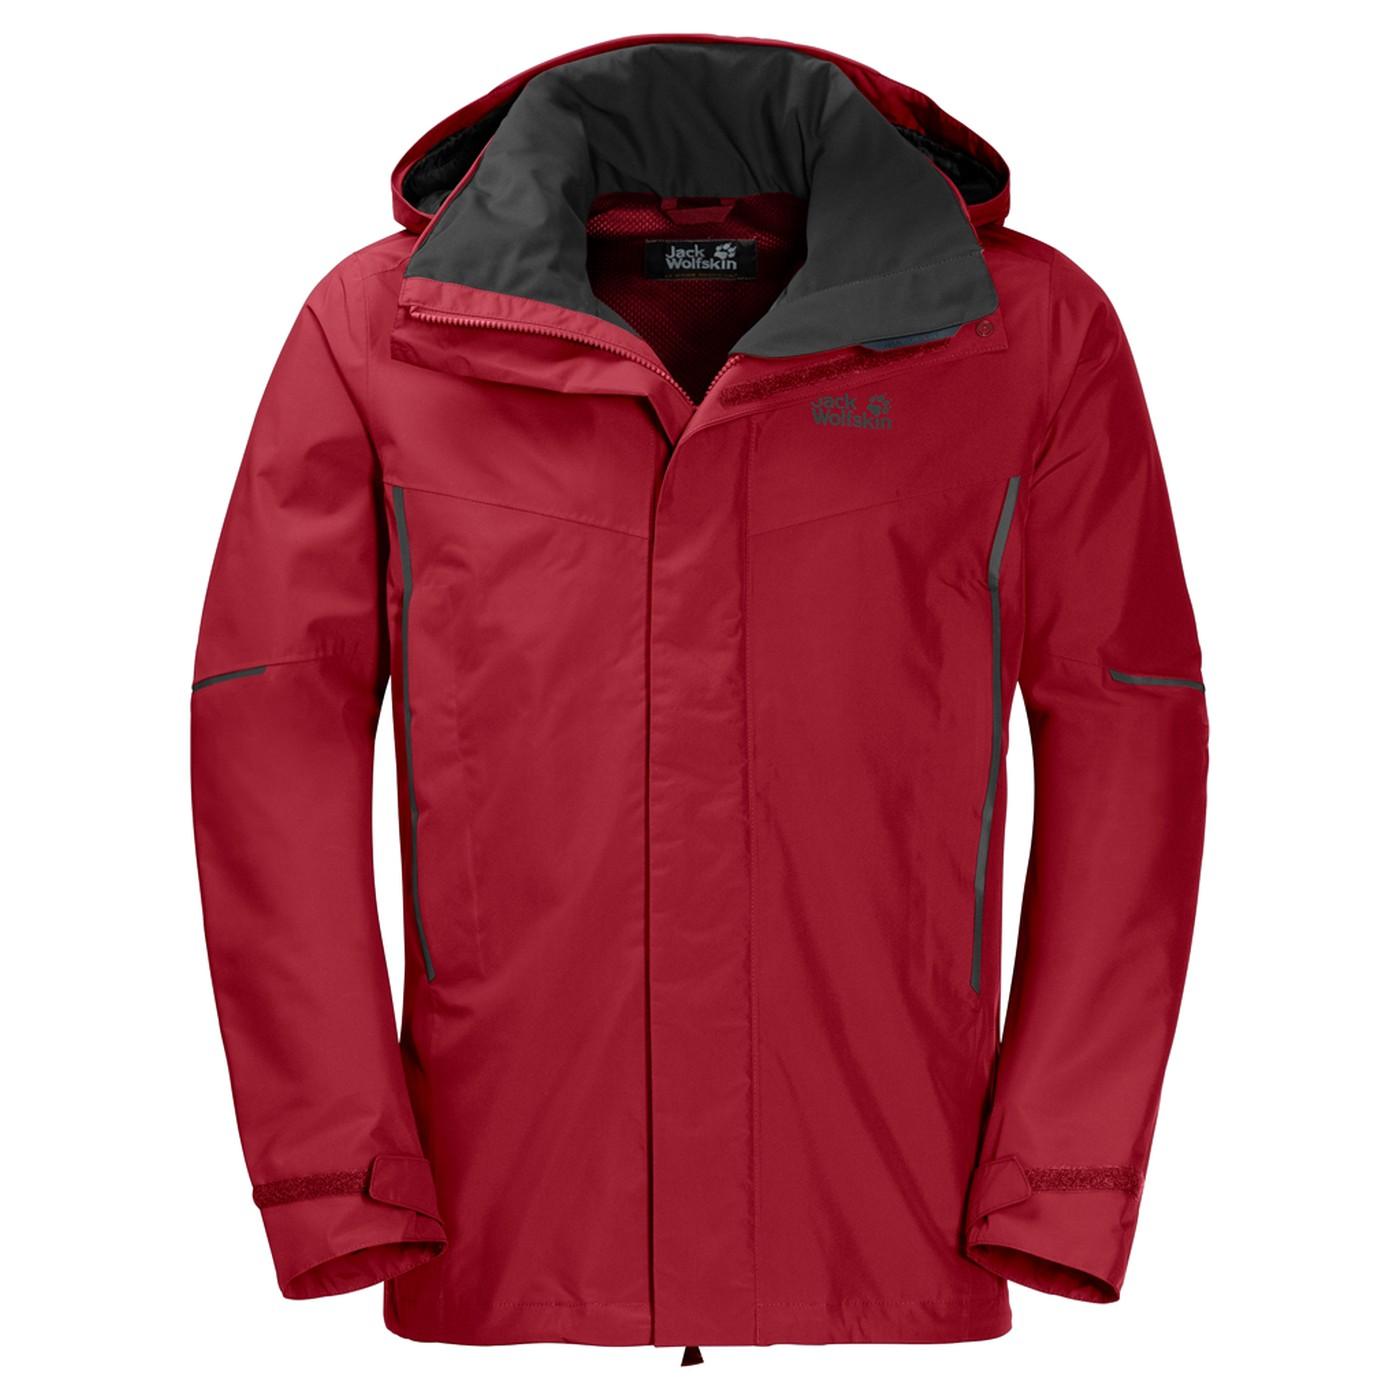 Jack Wolfskin Escalente Jacket Men - indian red xt - Regenjacken S